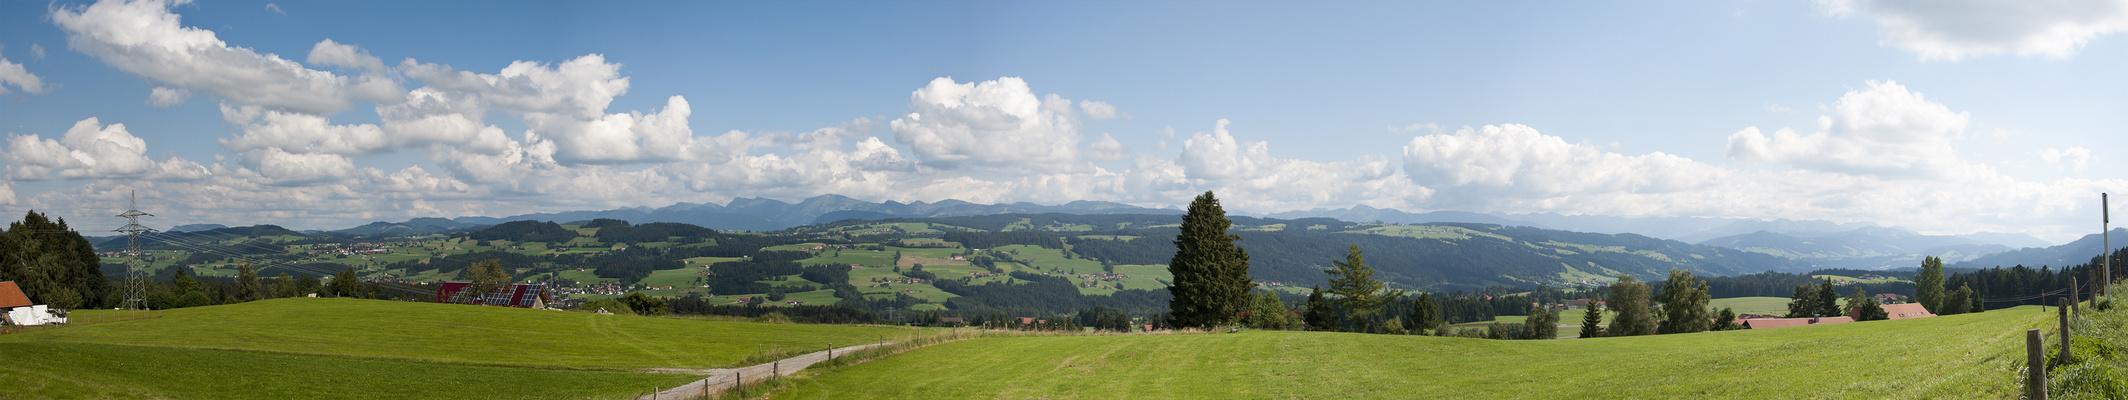 Alpenblick von der Alpen-Höhen-Strasse bei Lindenberg